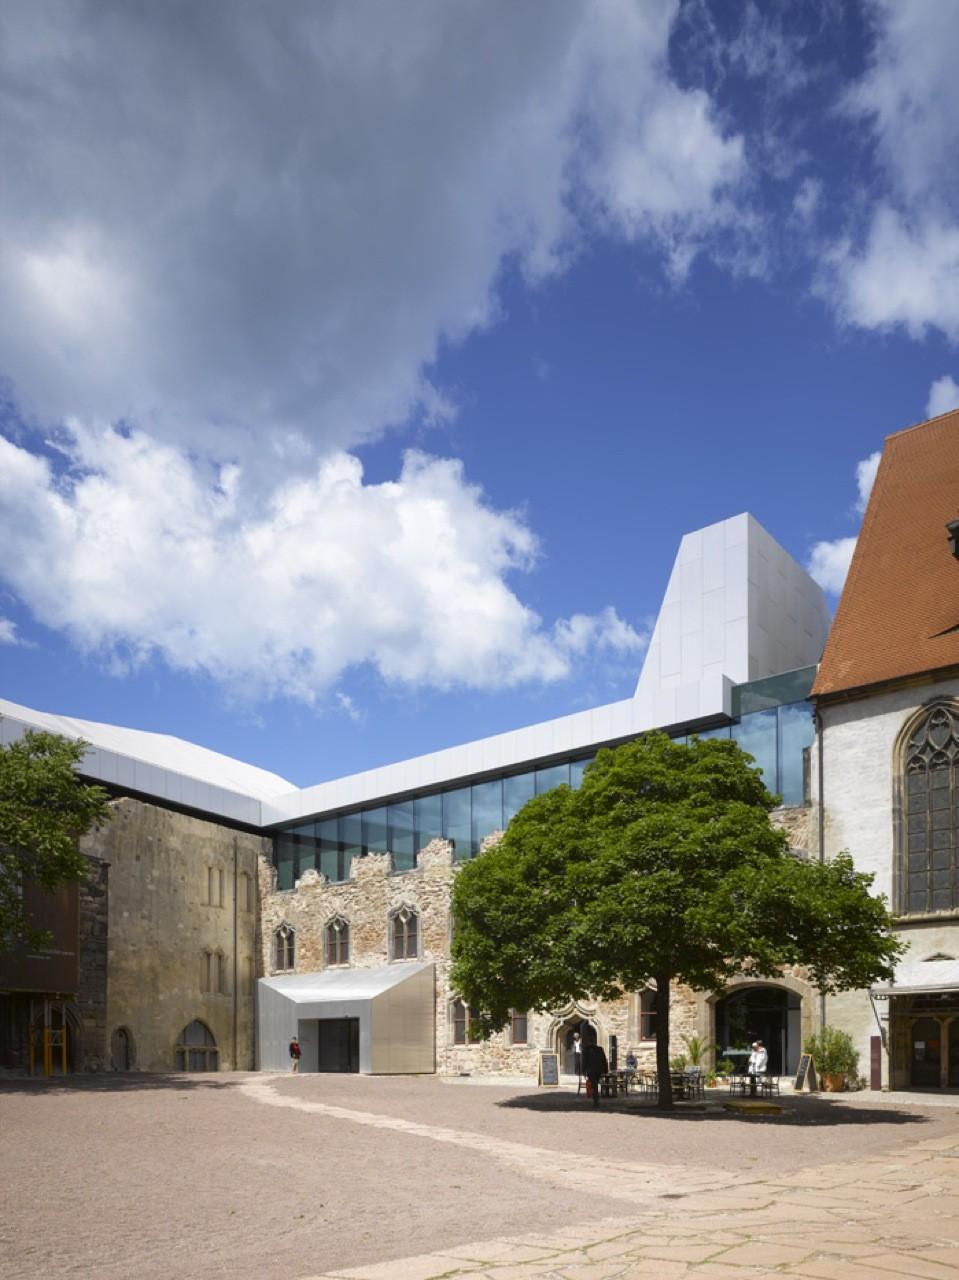 Ampliación del Museo Moritzburg / Nieto Sobejano Arquitectos, © Roland Halbe